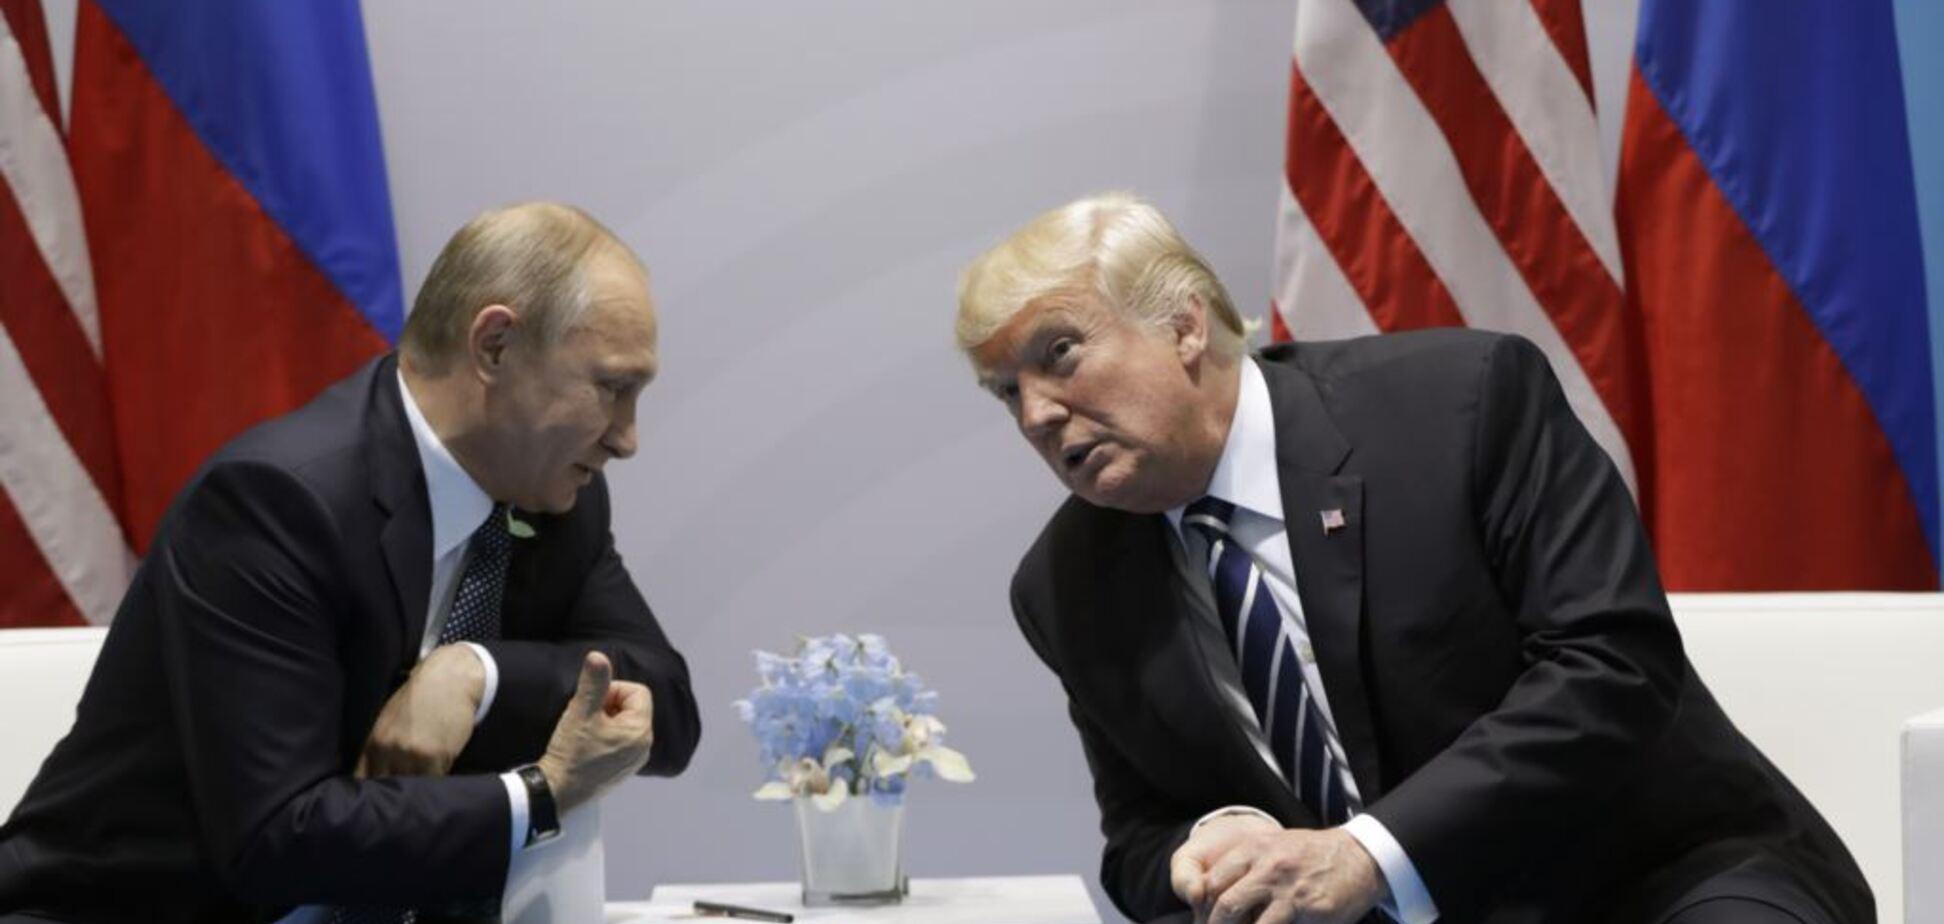 Зависимости Трампа от Путина уже не существует. Получилось ровно наоборот